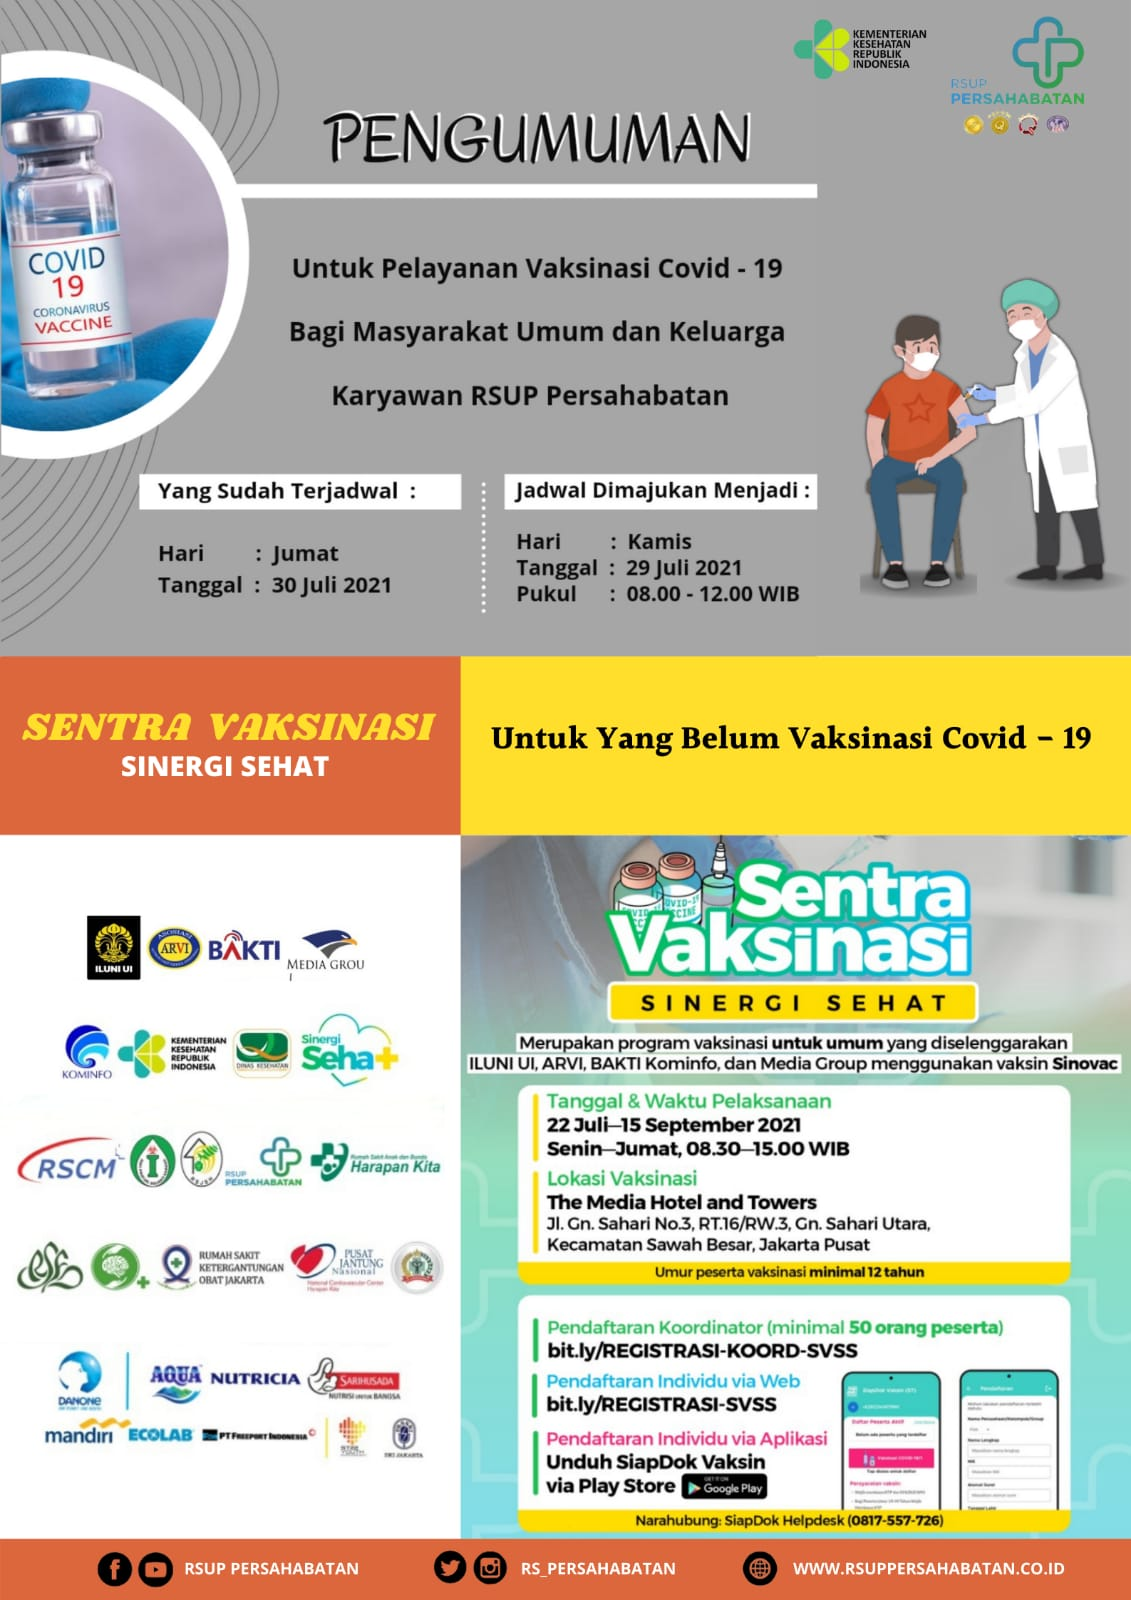 Pelayanan Vaksin Covid - 19 Bagi Masyarakat Umum Dan Keluarga Karyawan RSUP Persahabatan